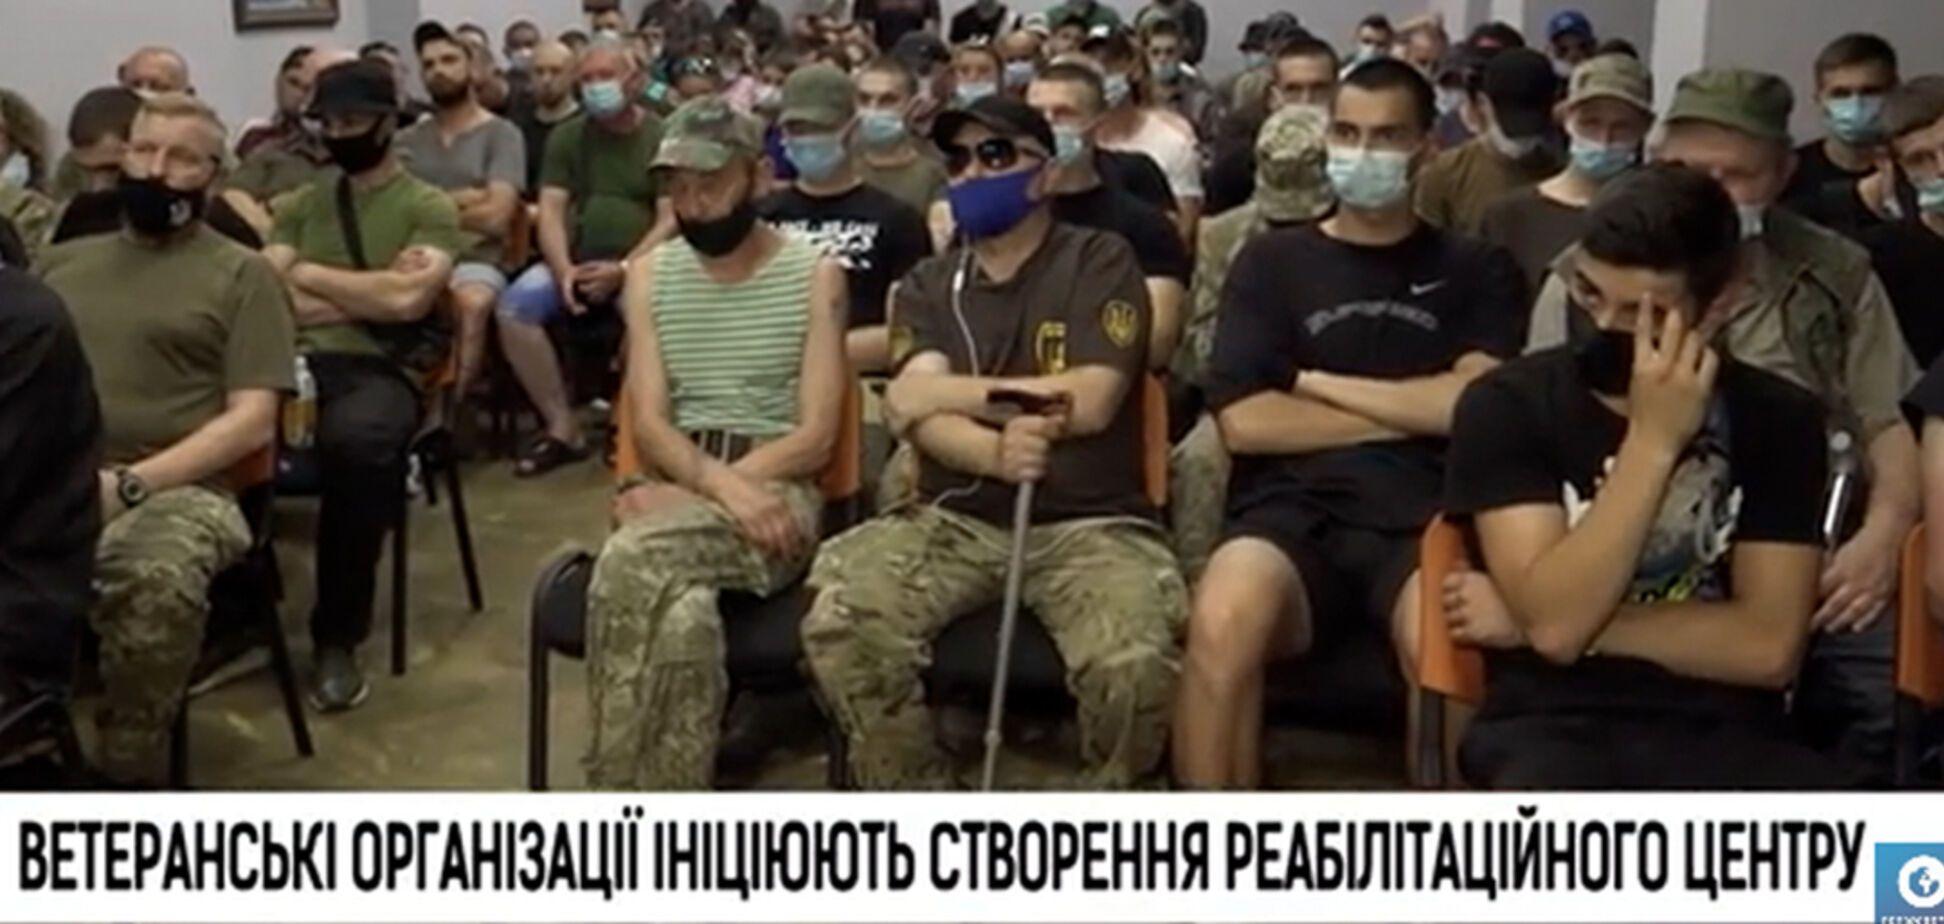 Ветеранські організації виступили за створення реабілітаційного центру в Києві